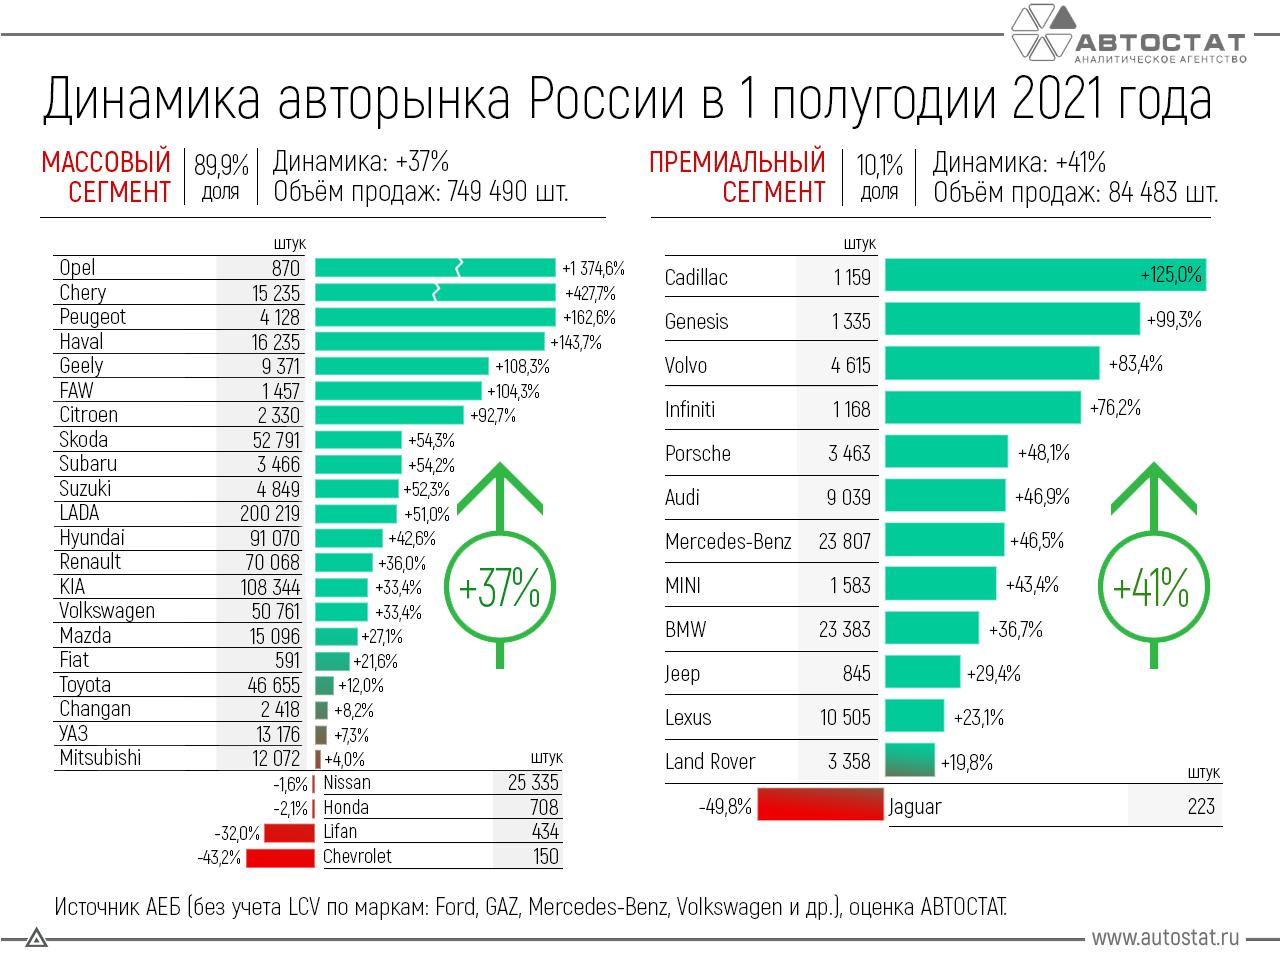 Динамика авторынка России в 1 полугодии 2021